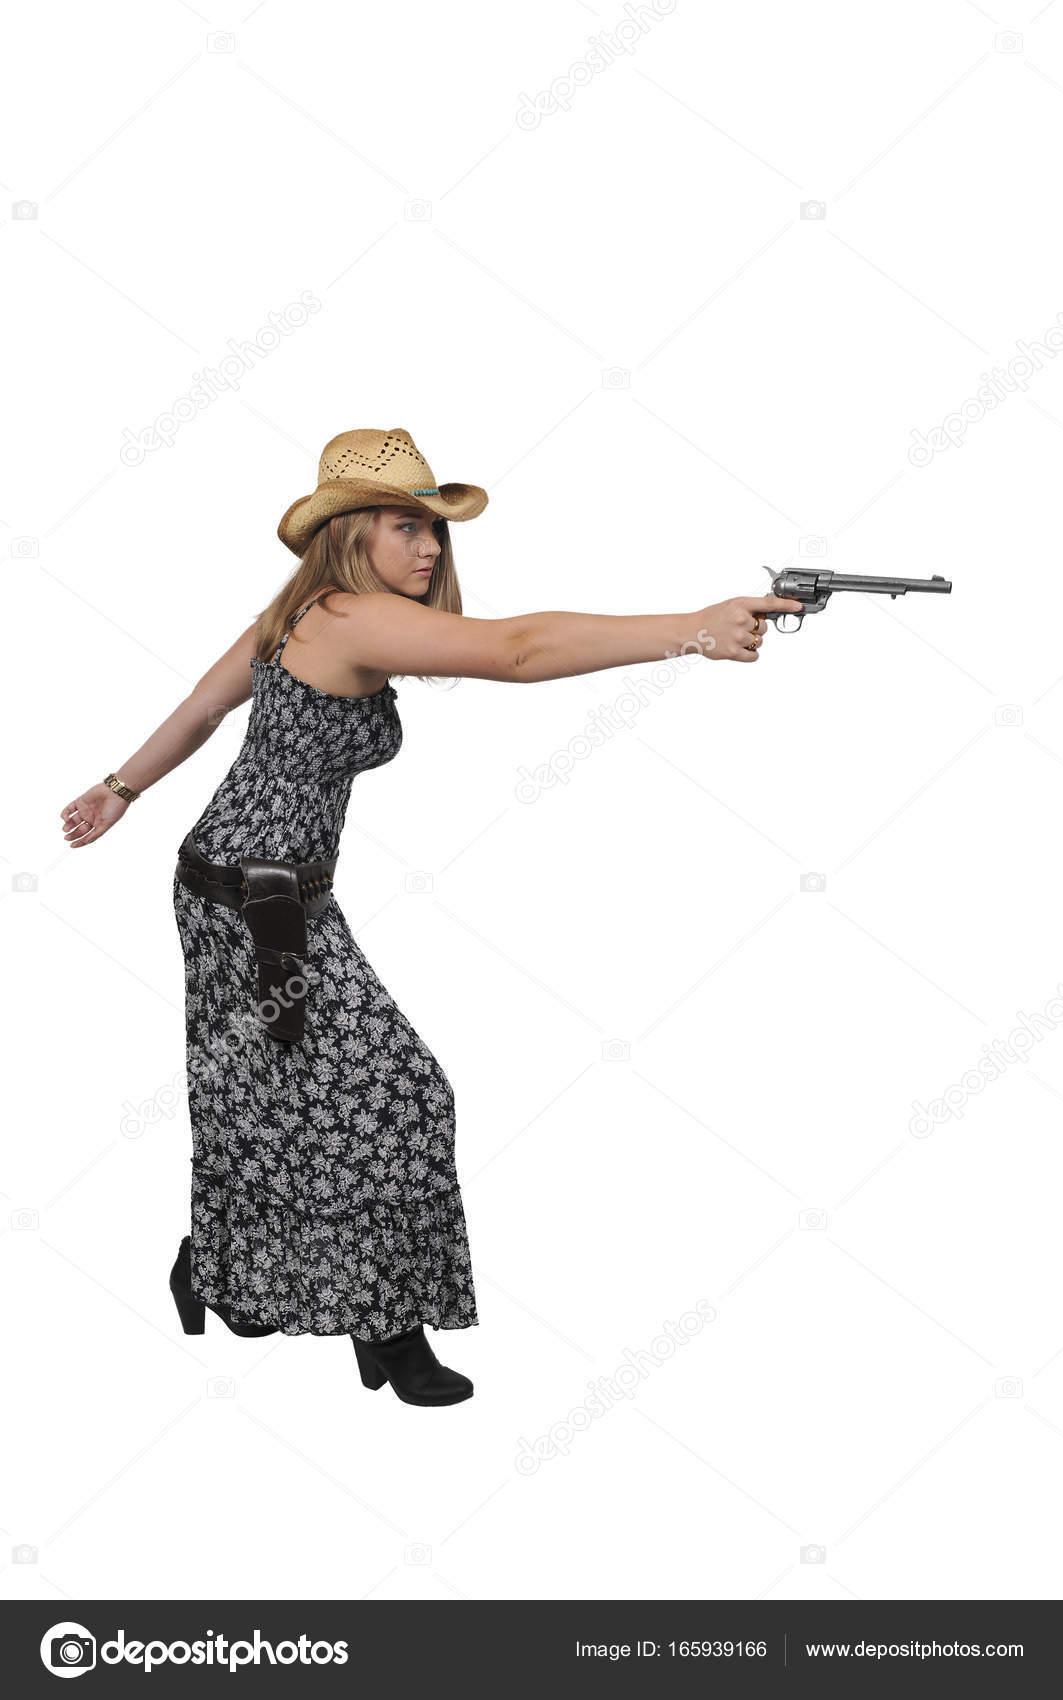 Imagenes de mujeres vestidas de vaqueras con frases